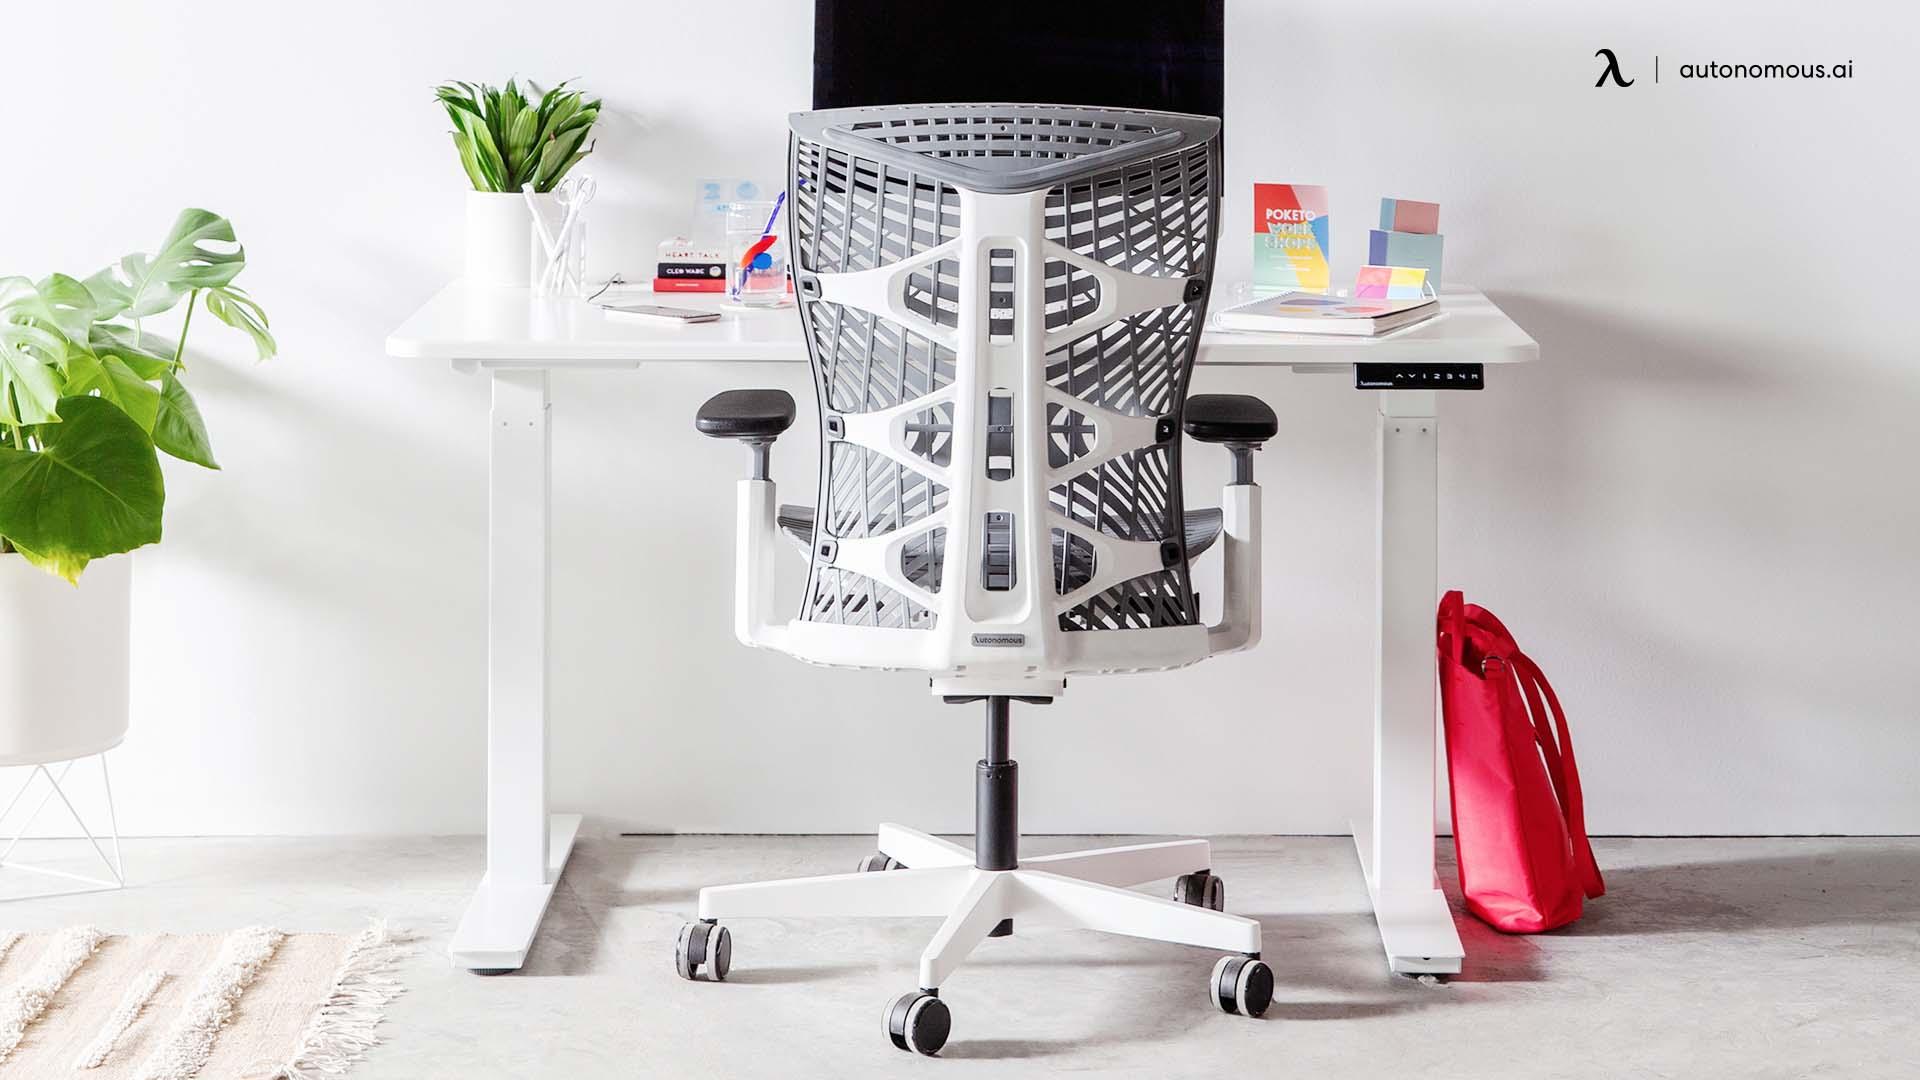 The 120-Degree V2 Standing Desk from UPLIFT